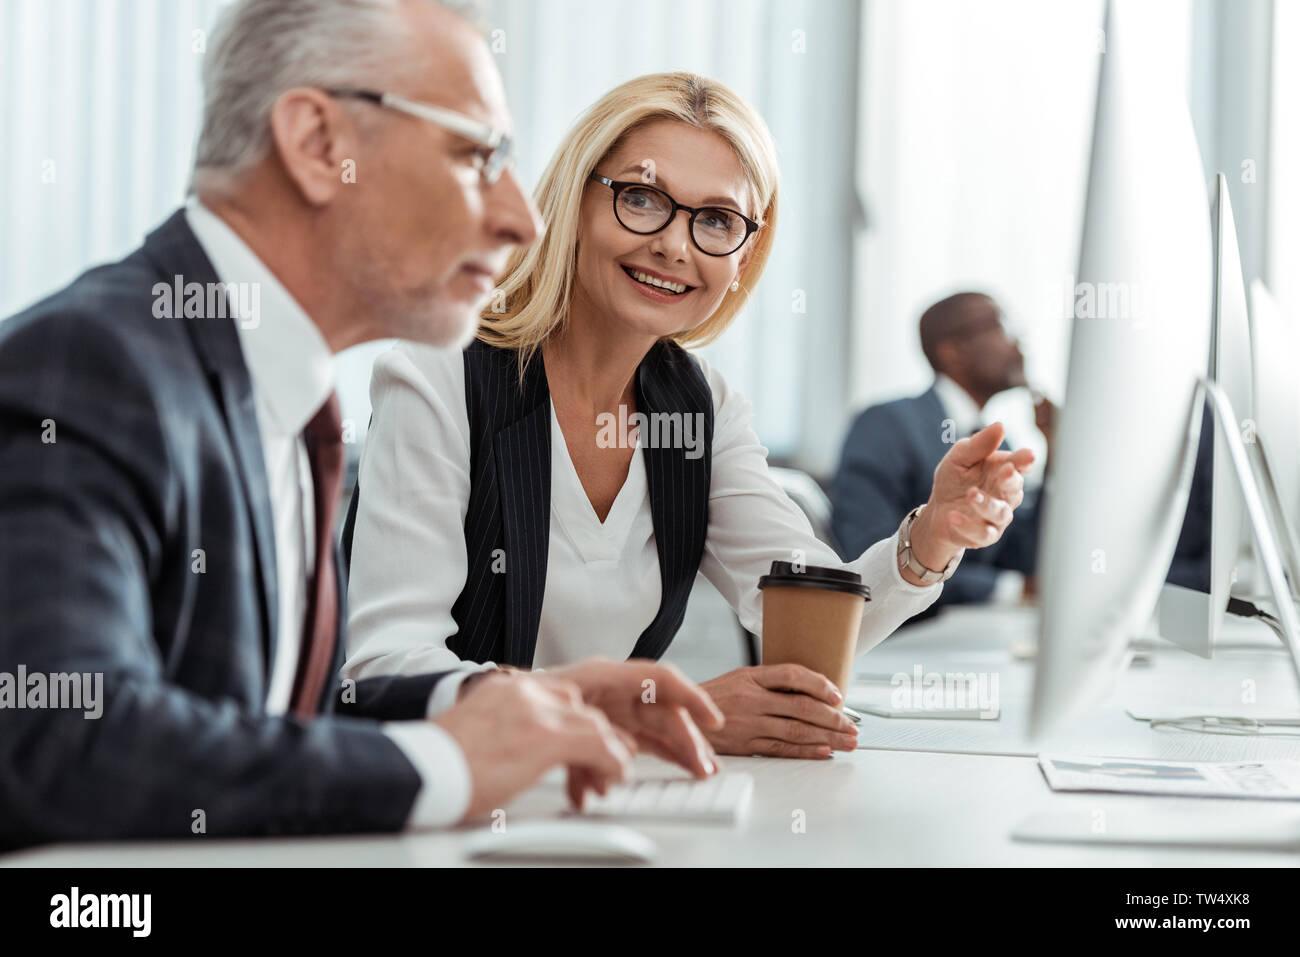 El enfoque selectivo de rubios sonrientes empresaria en gafas señalando con el dedo mientras mira compañero Foto de stock